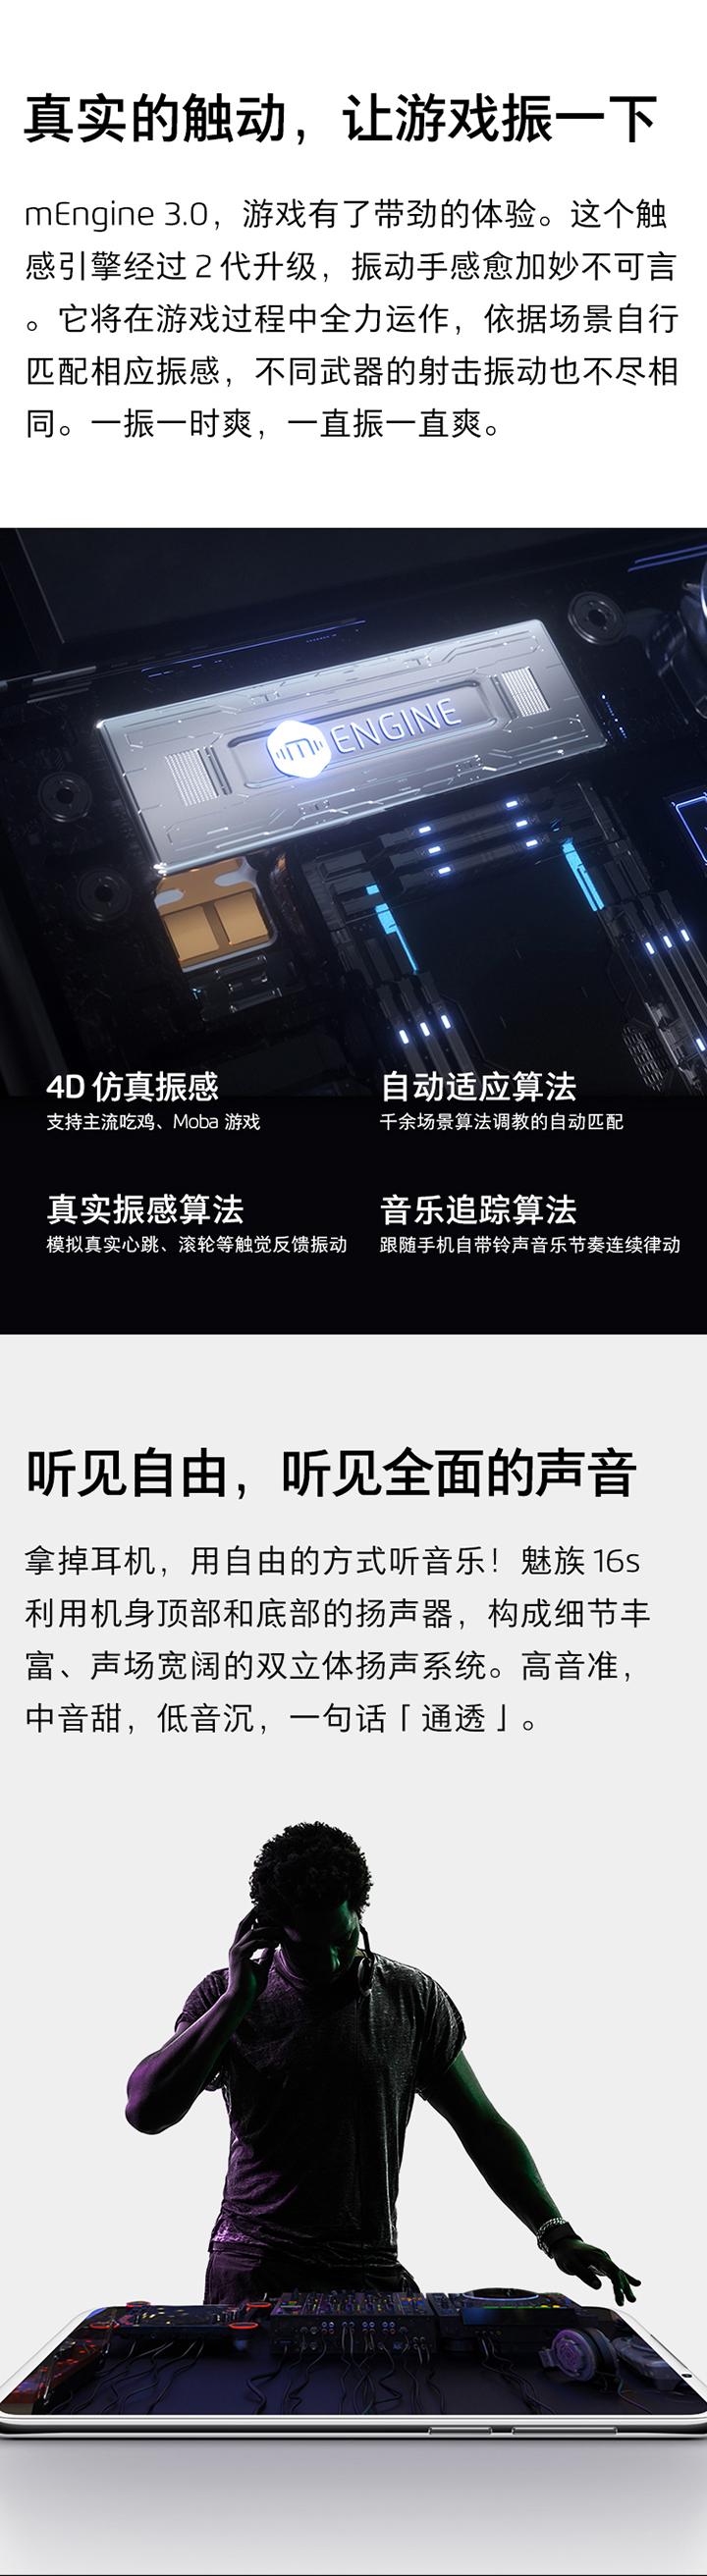 ��全网首发��魅族16s手机免费试用,评测